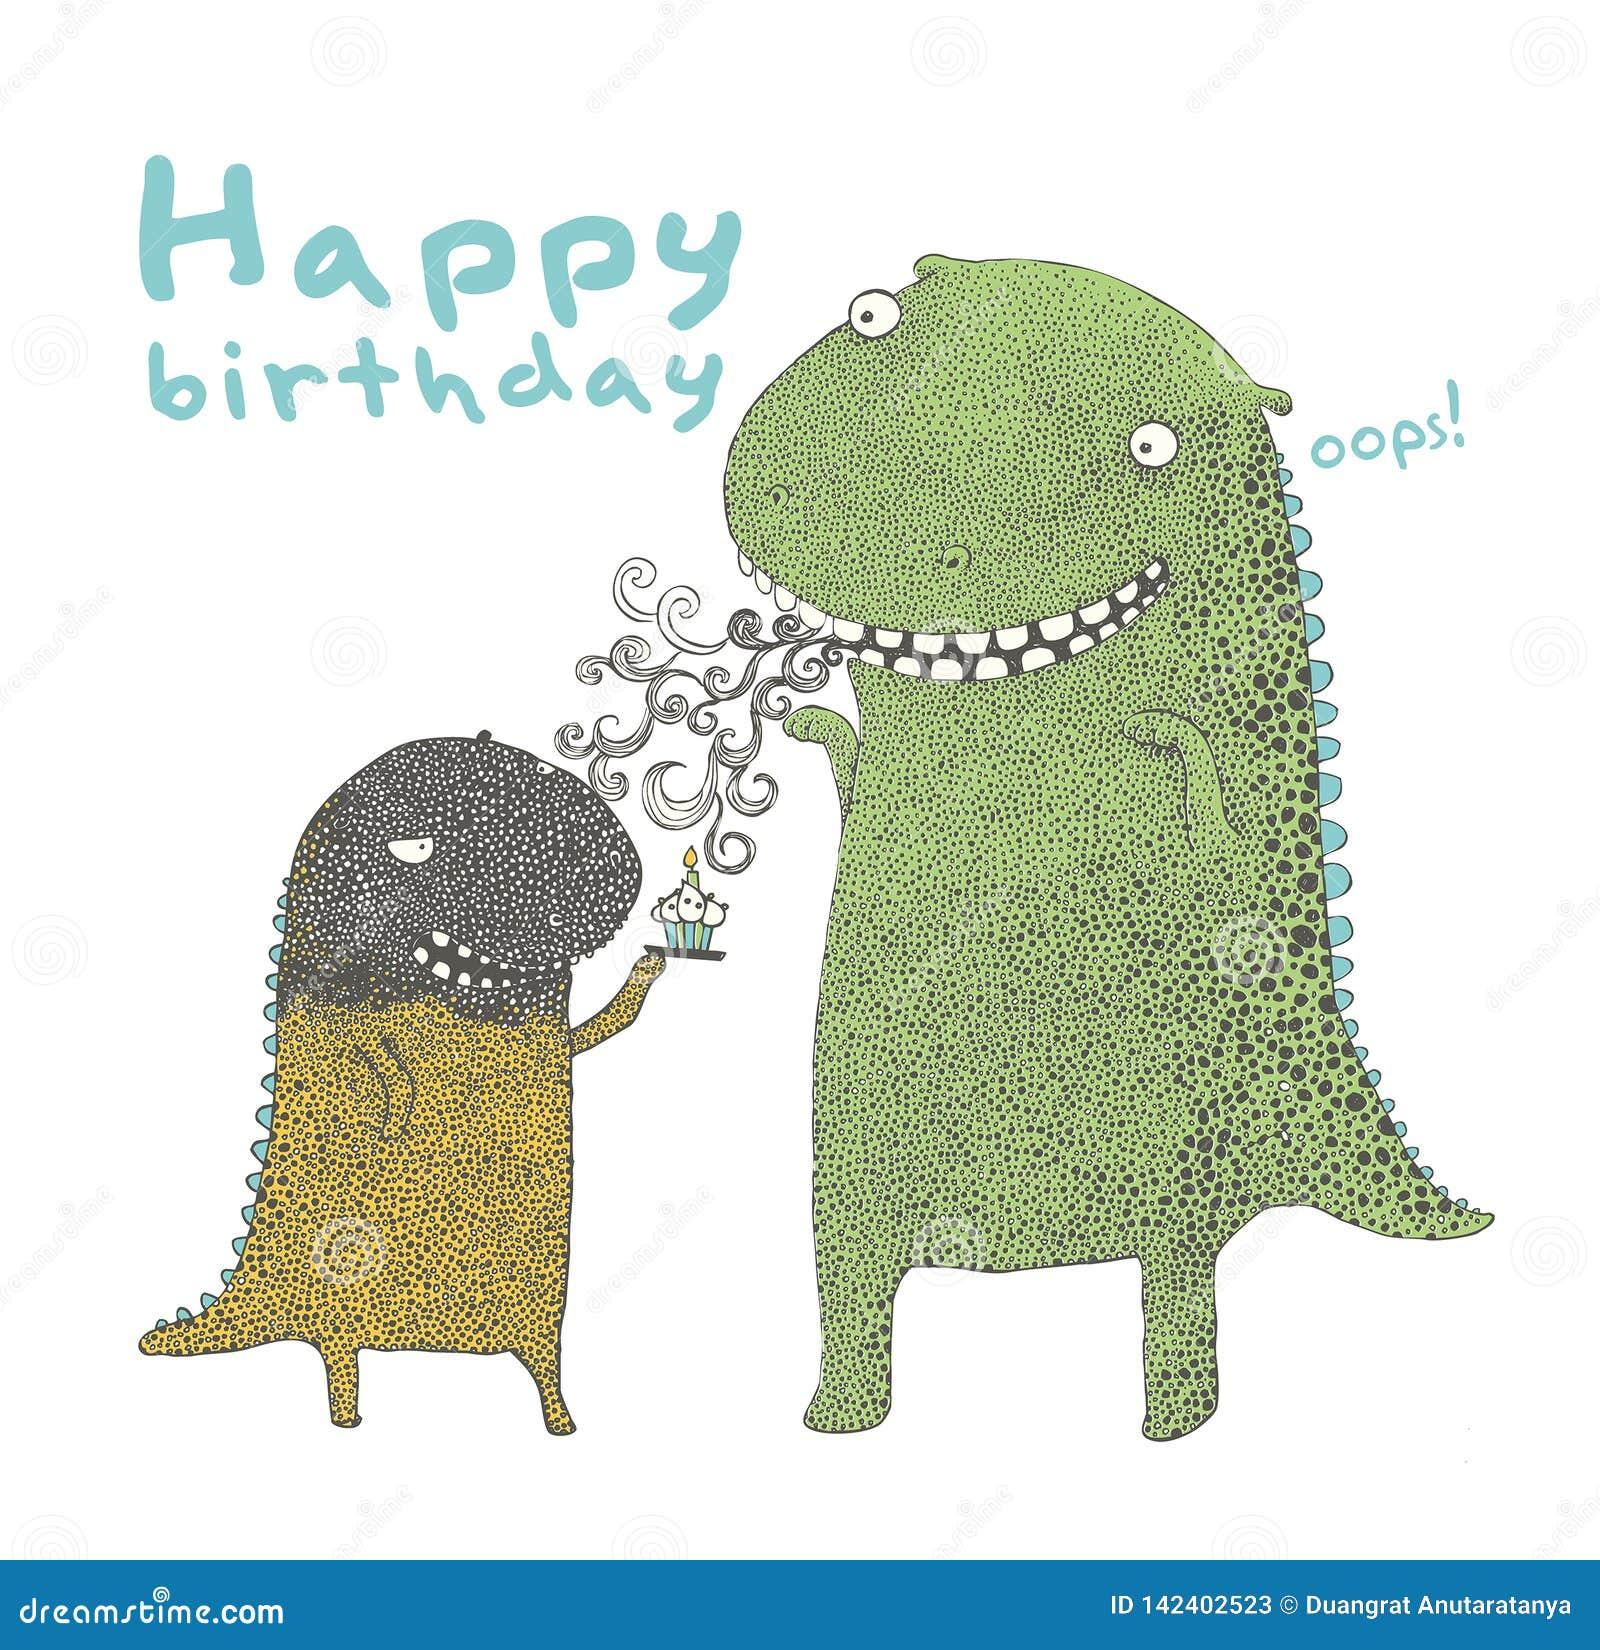 El dinosaurio del feliz cumpleaños, hace un deseo, feliz cumpleaños, vector